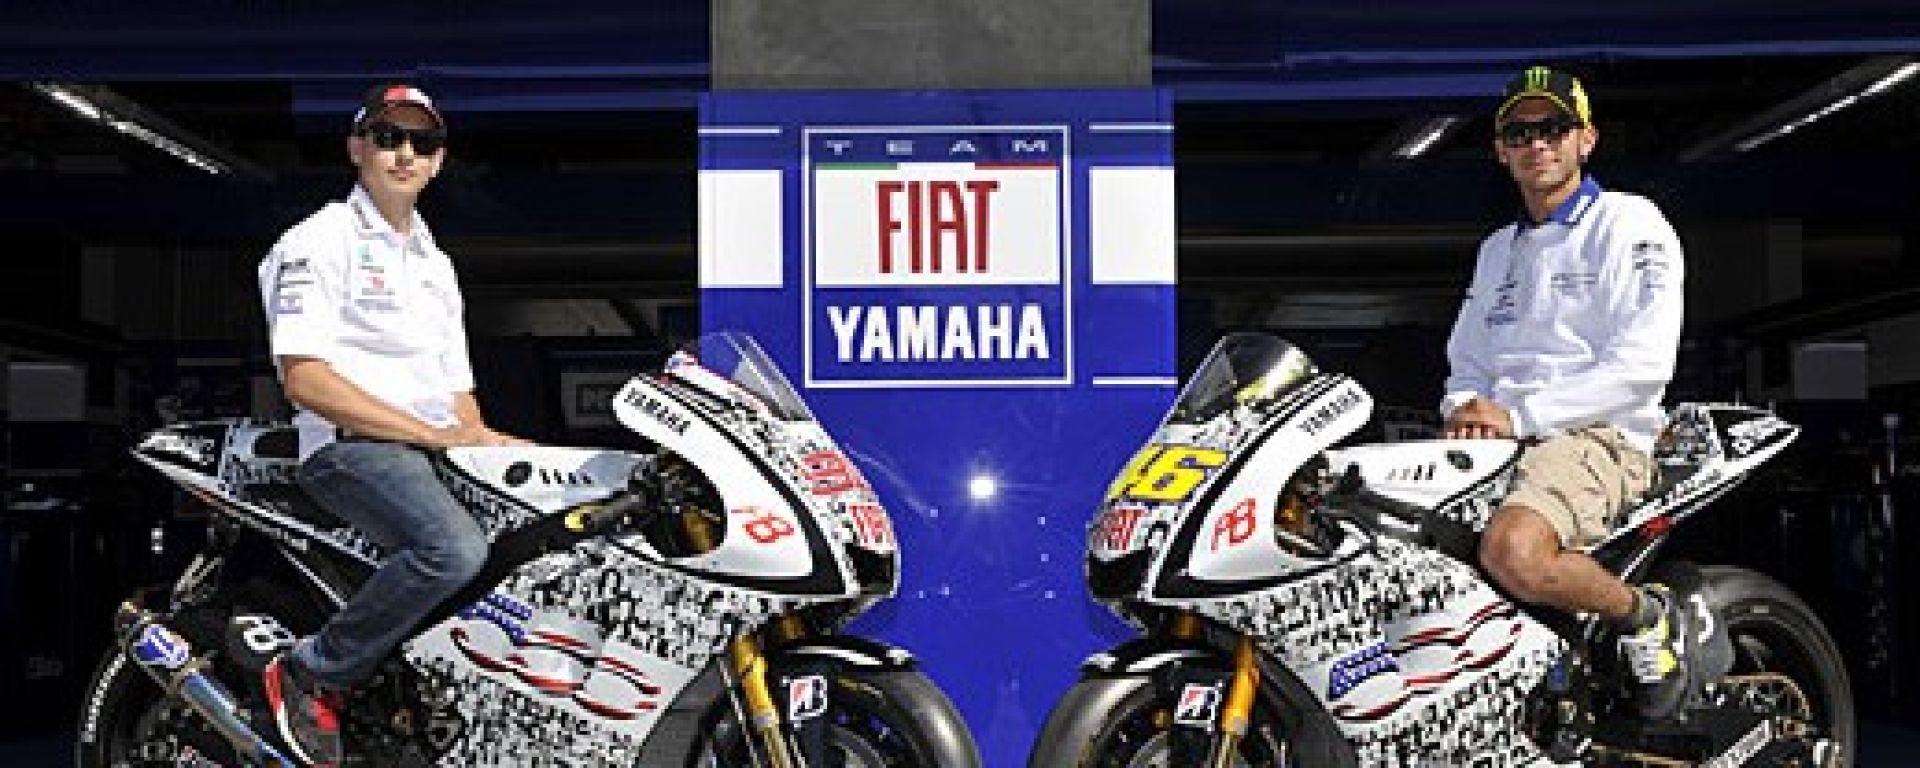 Una Yamaha M1 speciale a Laguna Seca